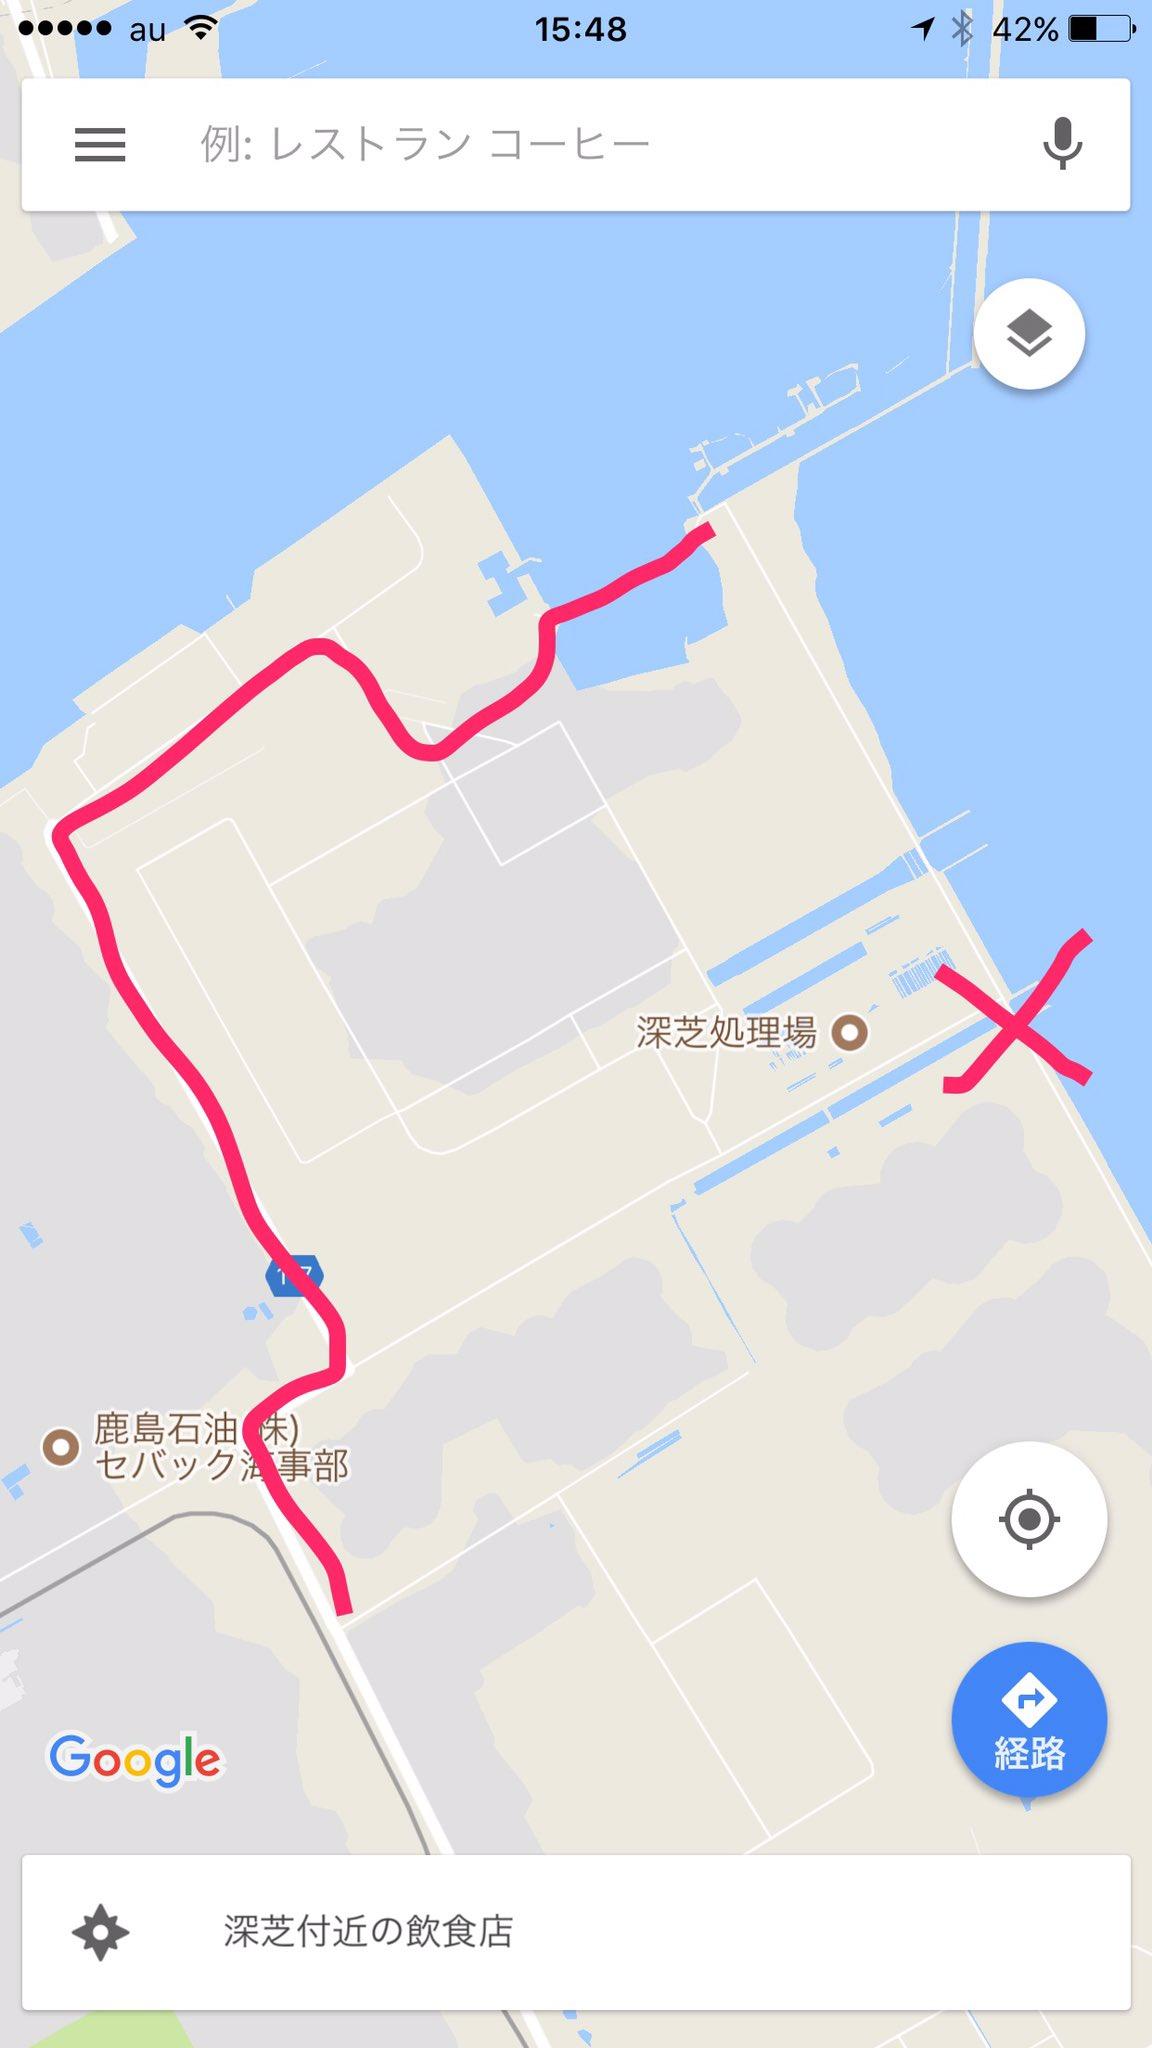 鹿島釣り日記 場所